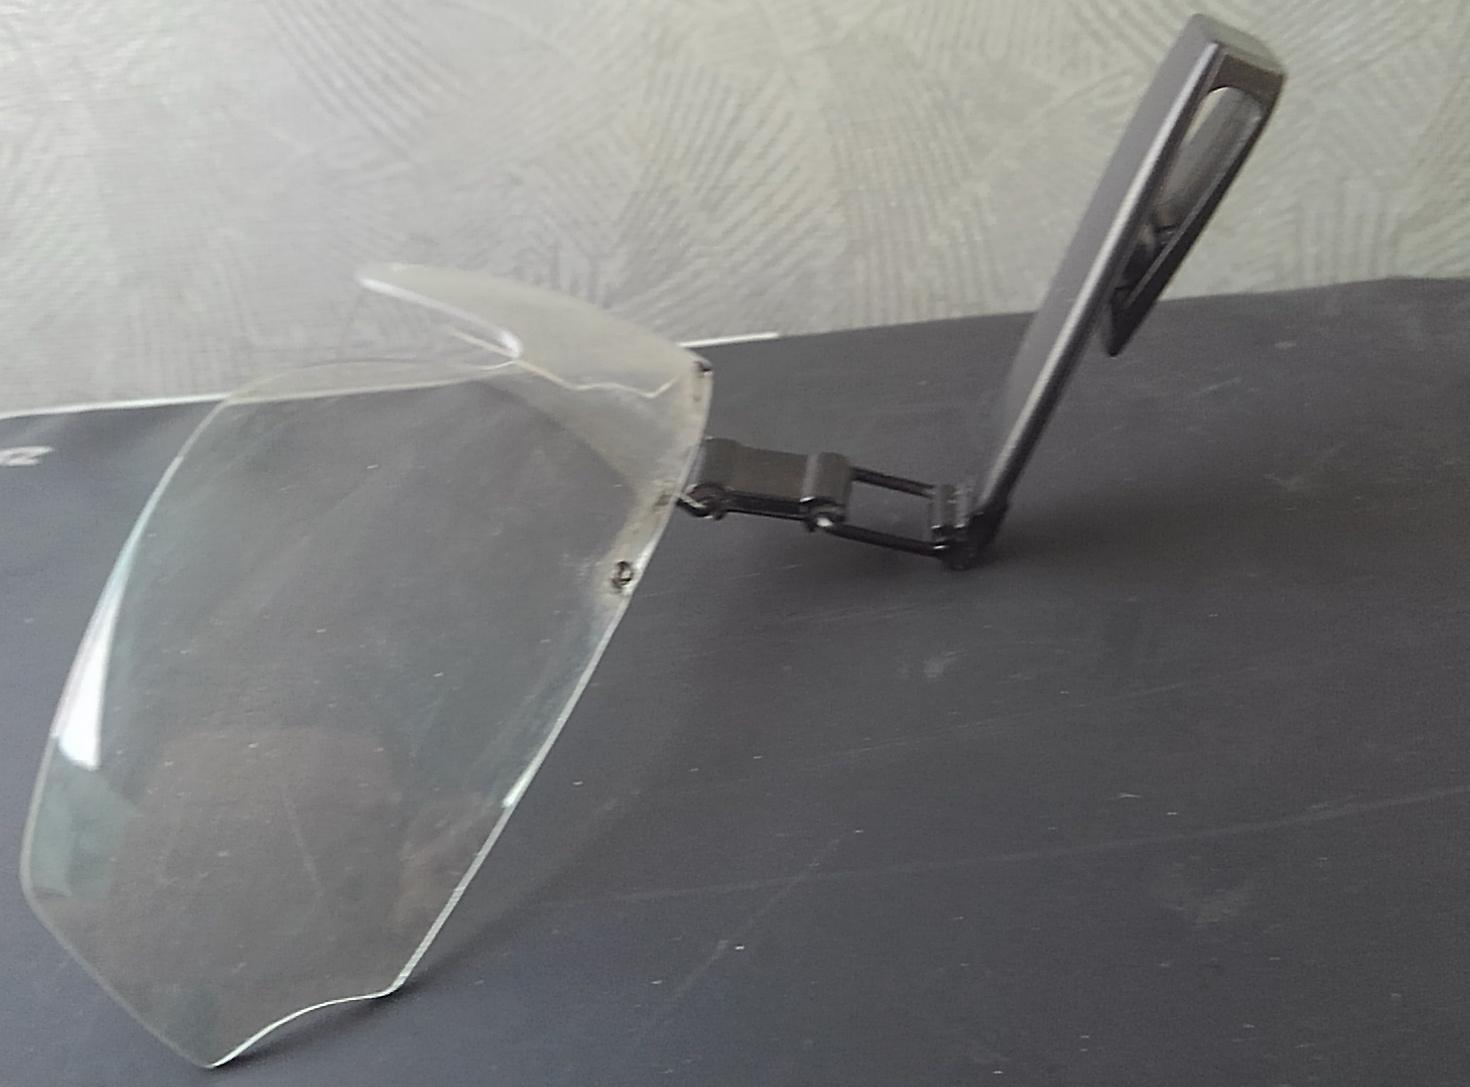 ヘルメット取付式保護メガネの使用感!簡易的にメガネと併用するならゴーグルタイプやオーバークラスより楽ですよ